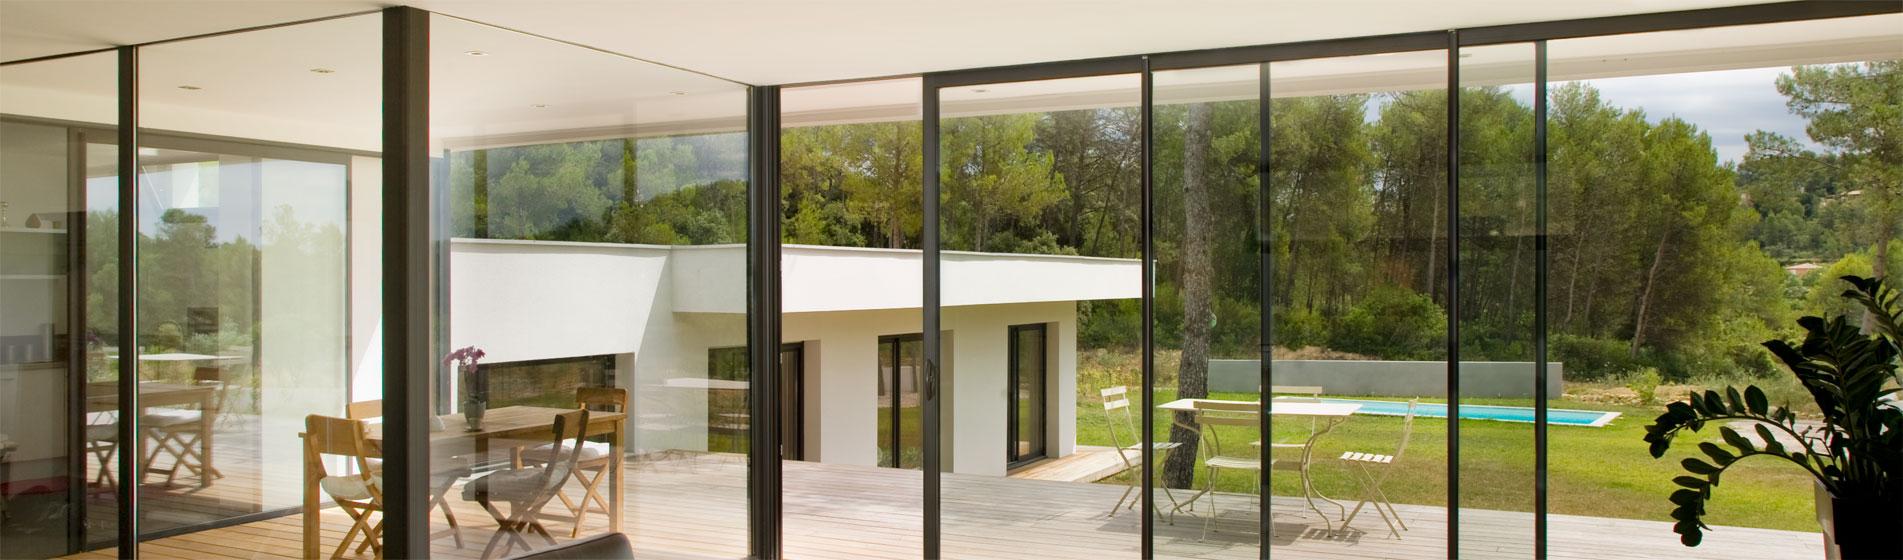 fabricant baie vitrée sur-mesure 84 Vaucluse